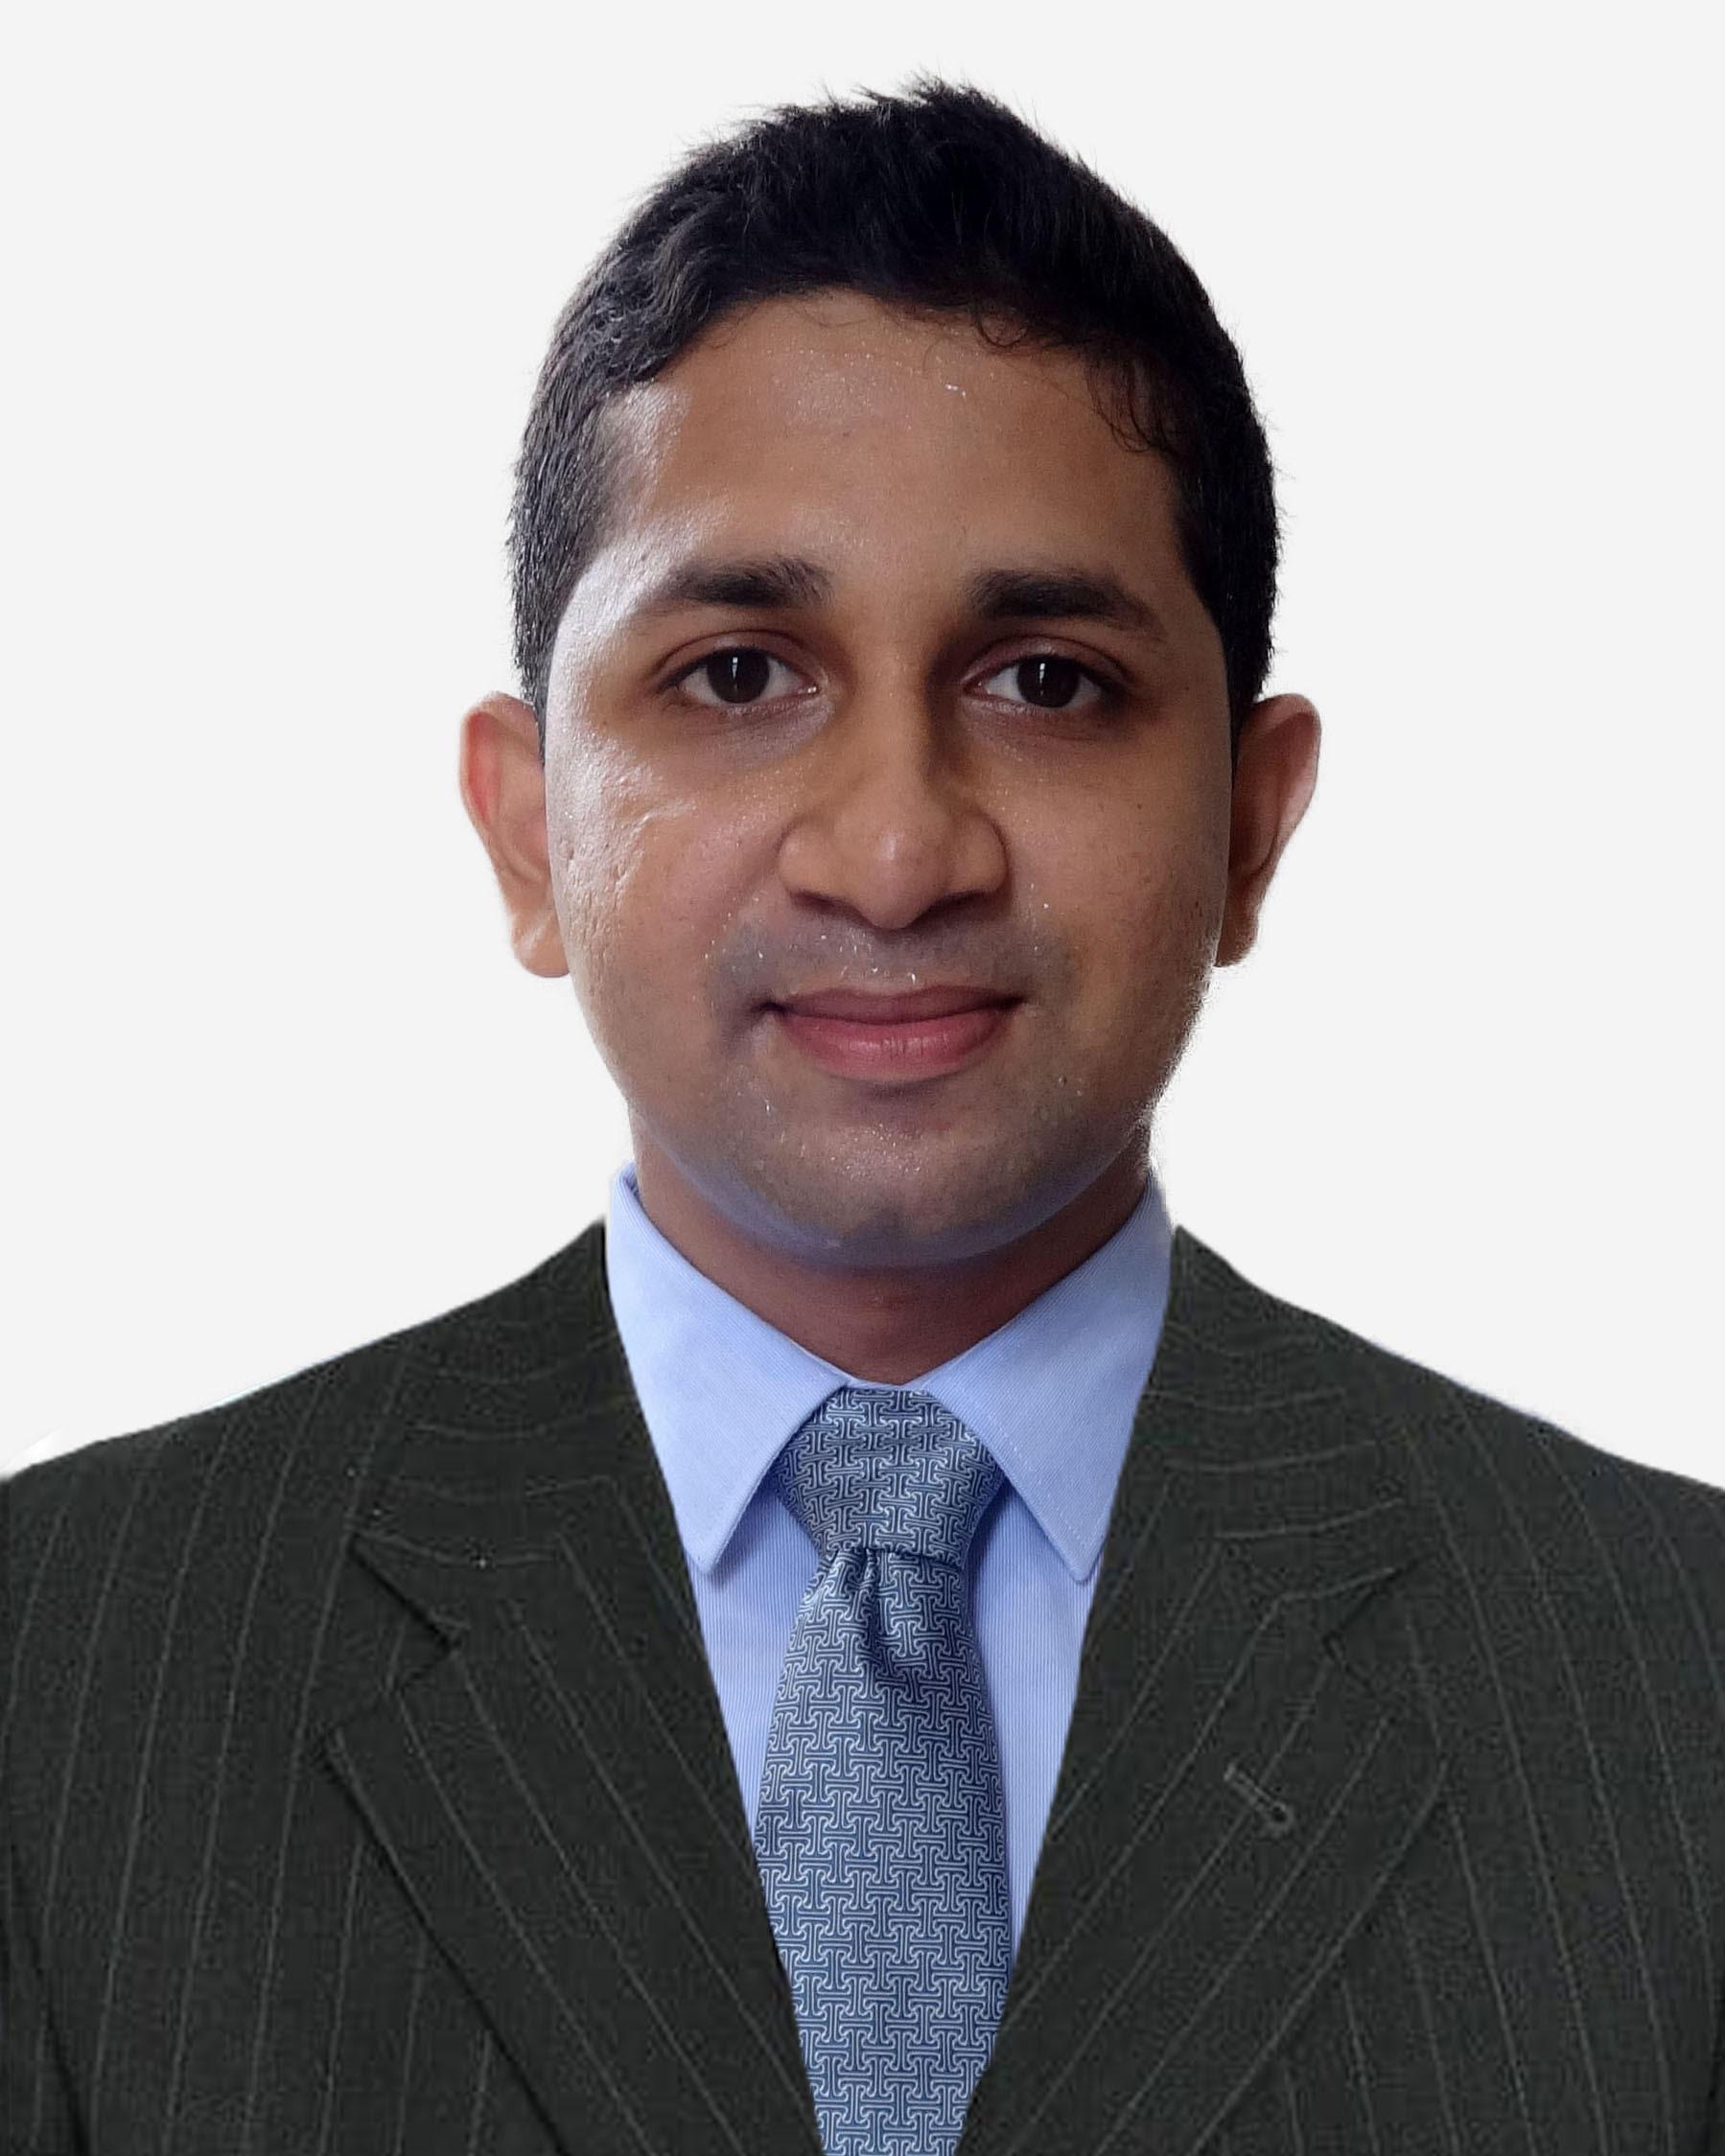 Mr. Chathura Priyankara